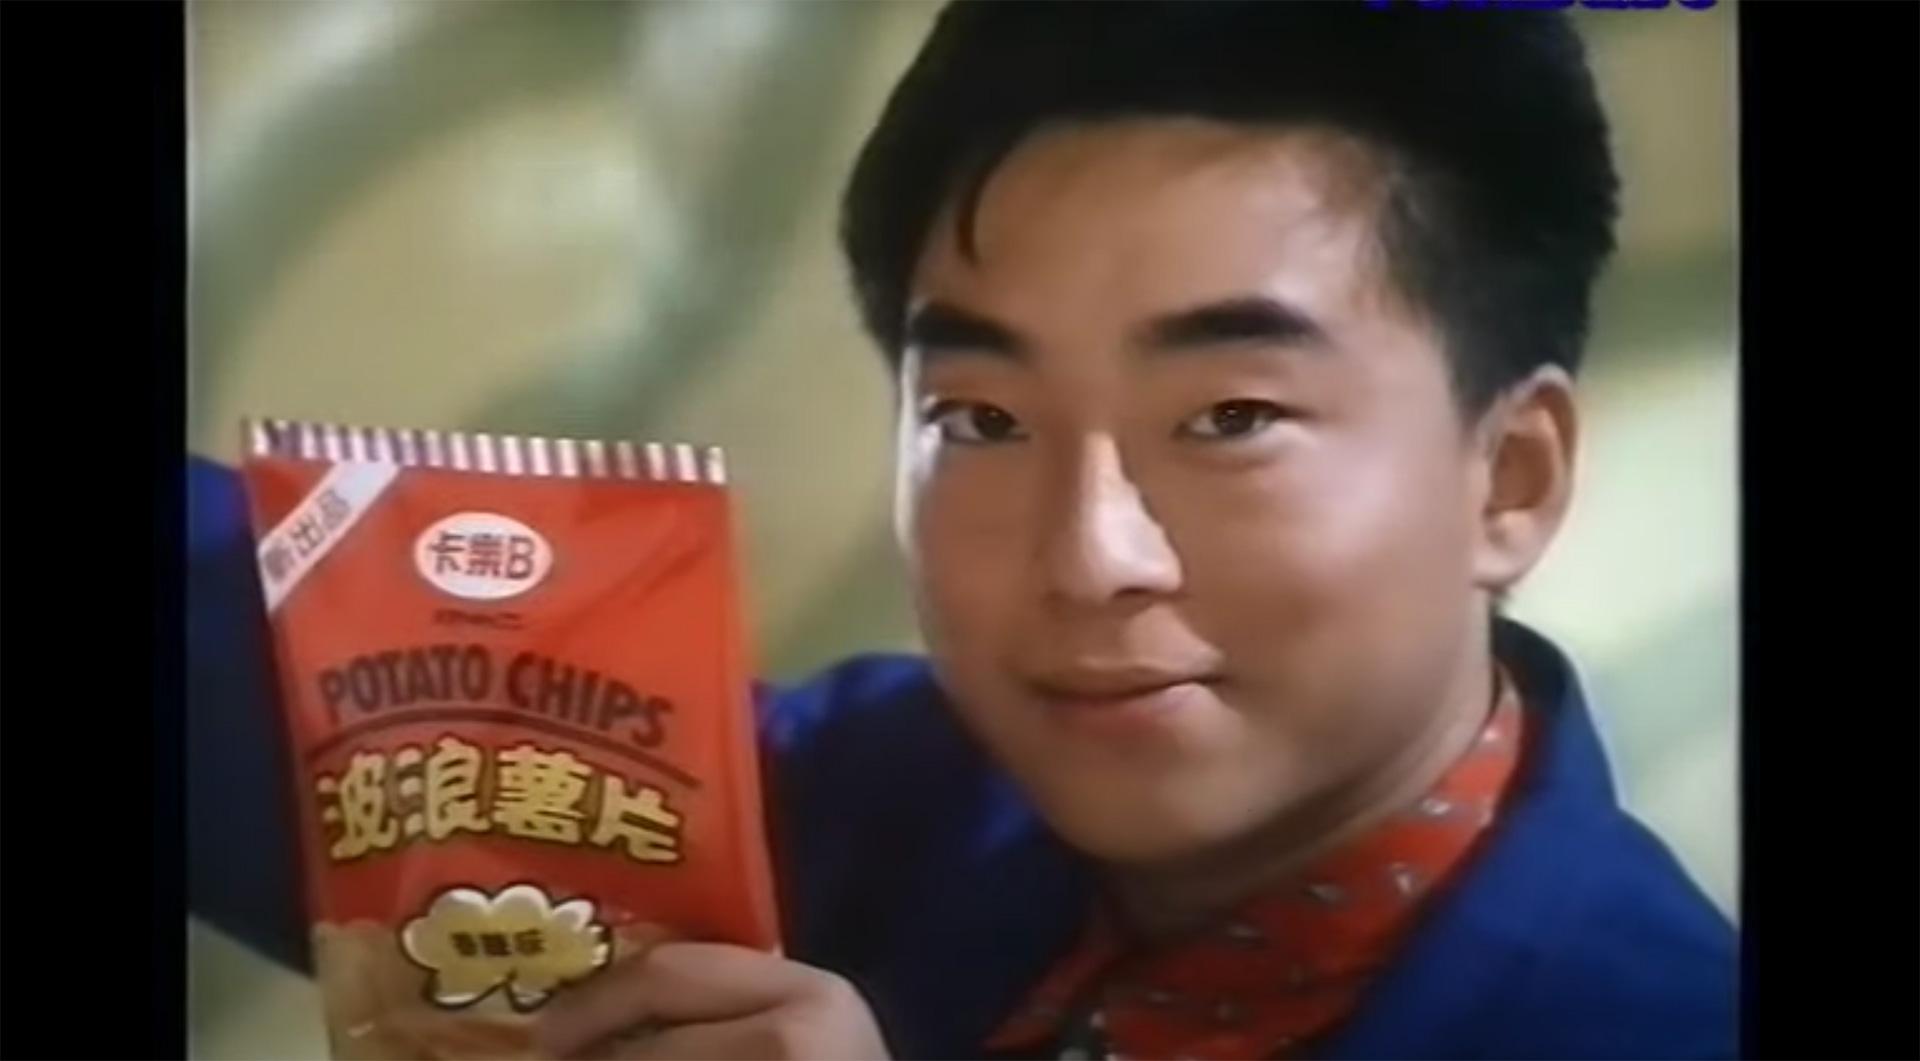 Wave Cut Potato Chips